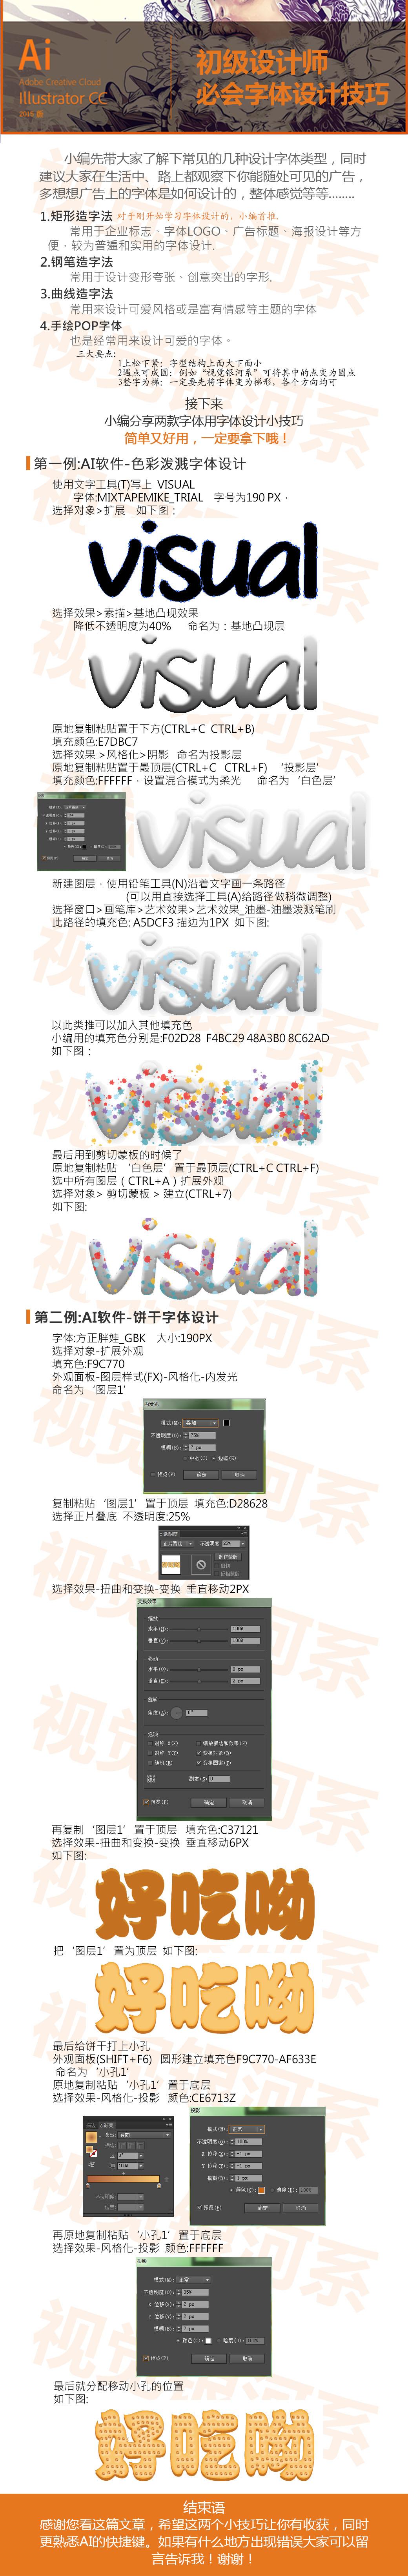 http://assets.kgc.cn/upload/image/20170116/1484539502936925.jpg